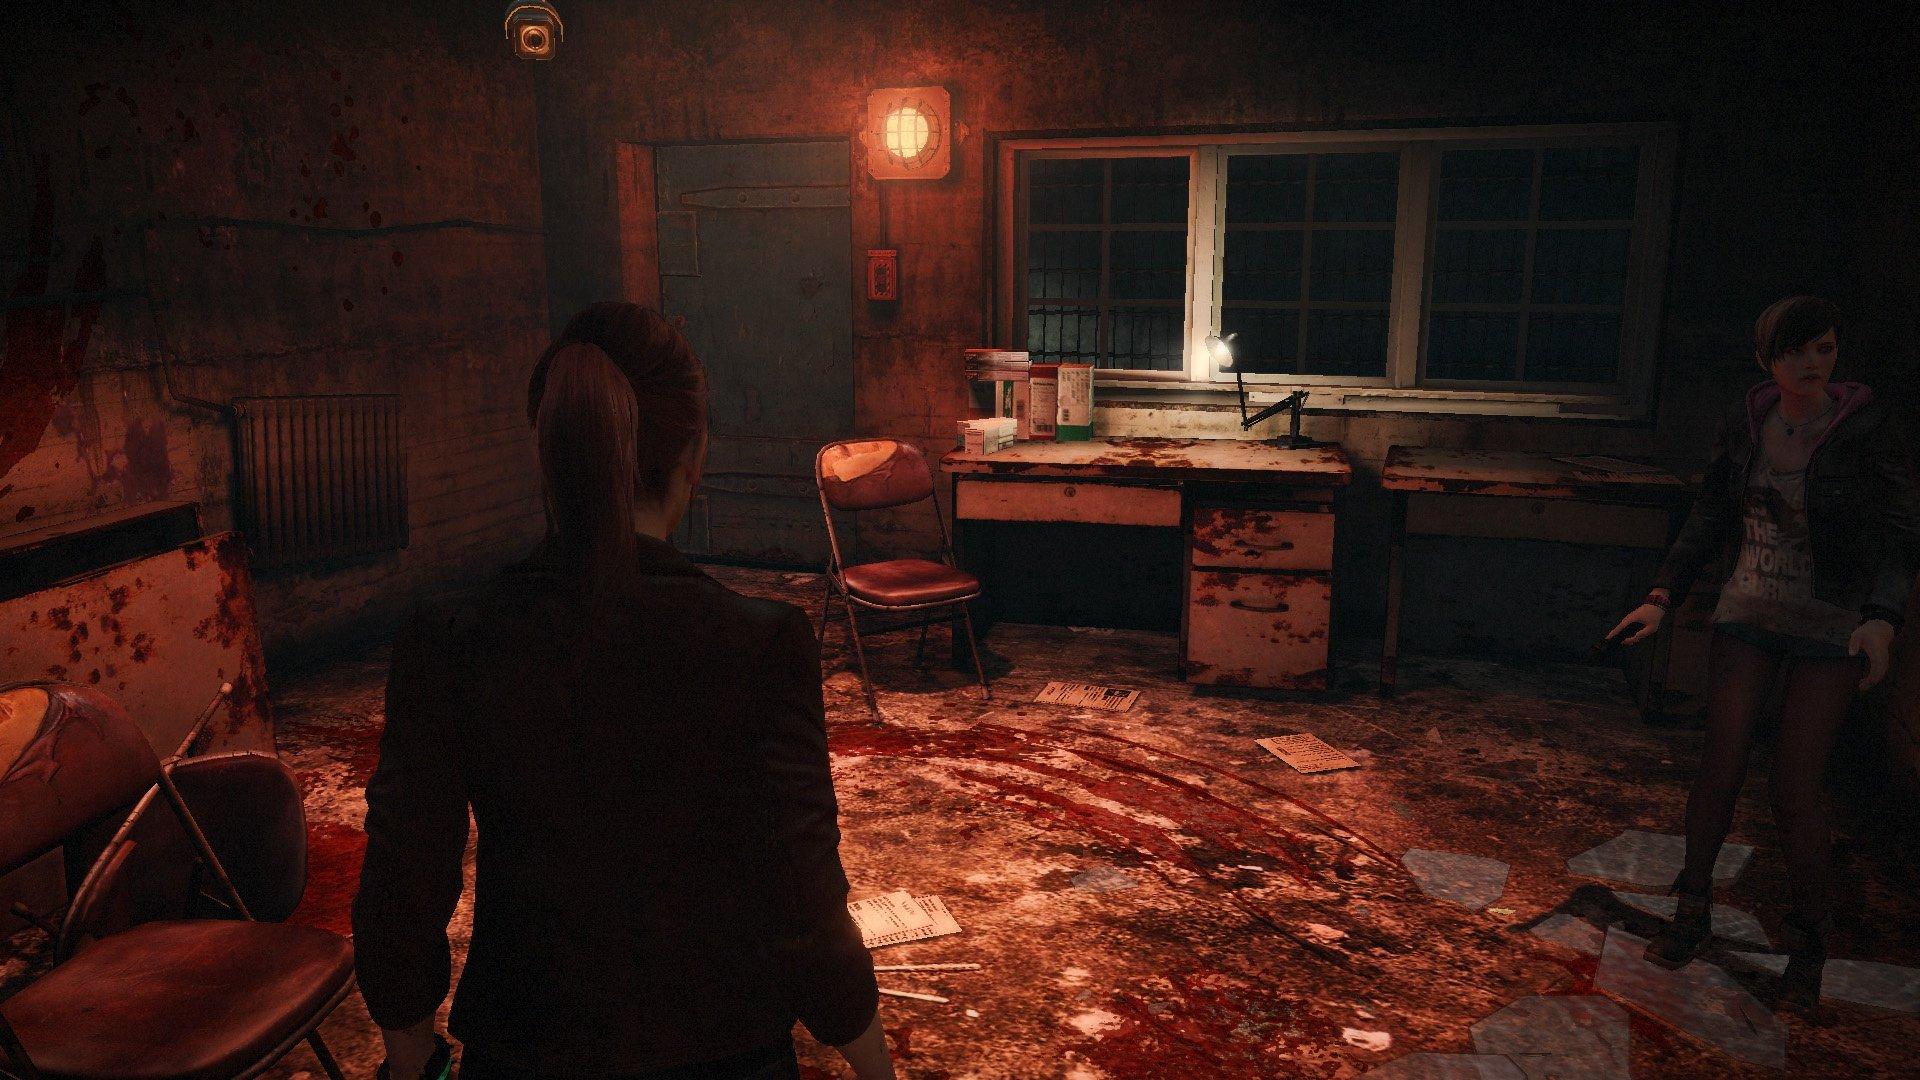 Превью-галерея: Resident Evil Revelations 2. Откровение? - Изображение 3